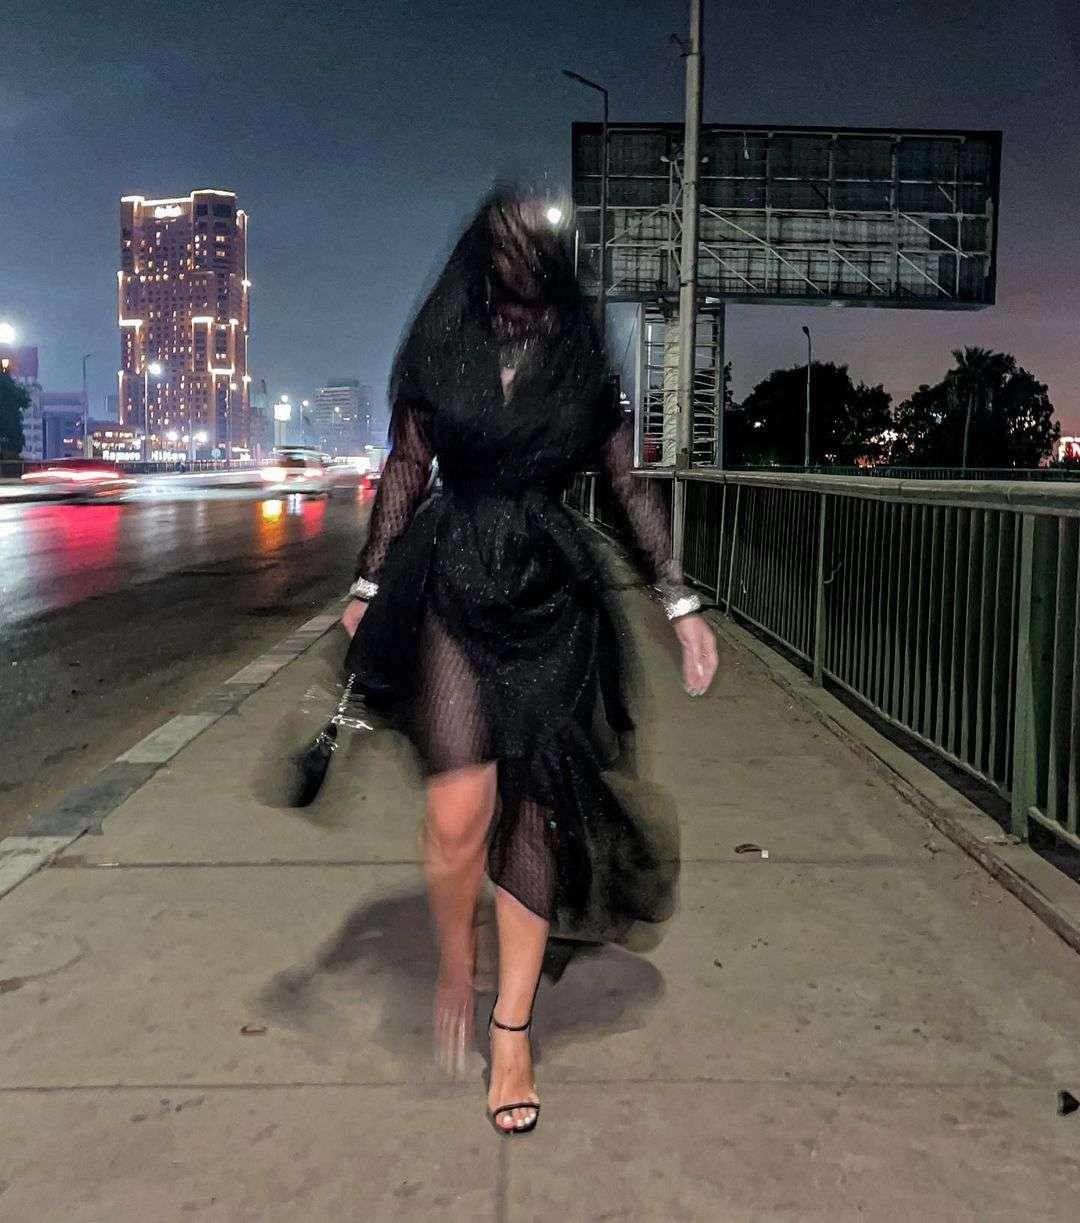 اتفرج.. الراقصة جوهرة قلدت كيم كاردشيان وركبت الترند